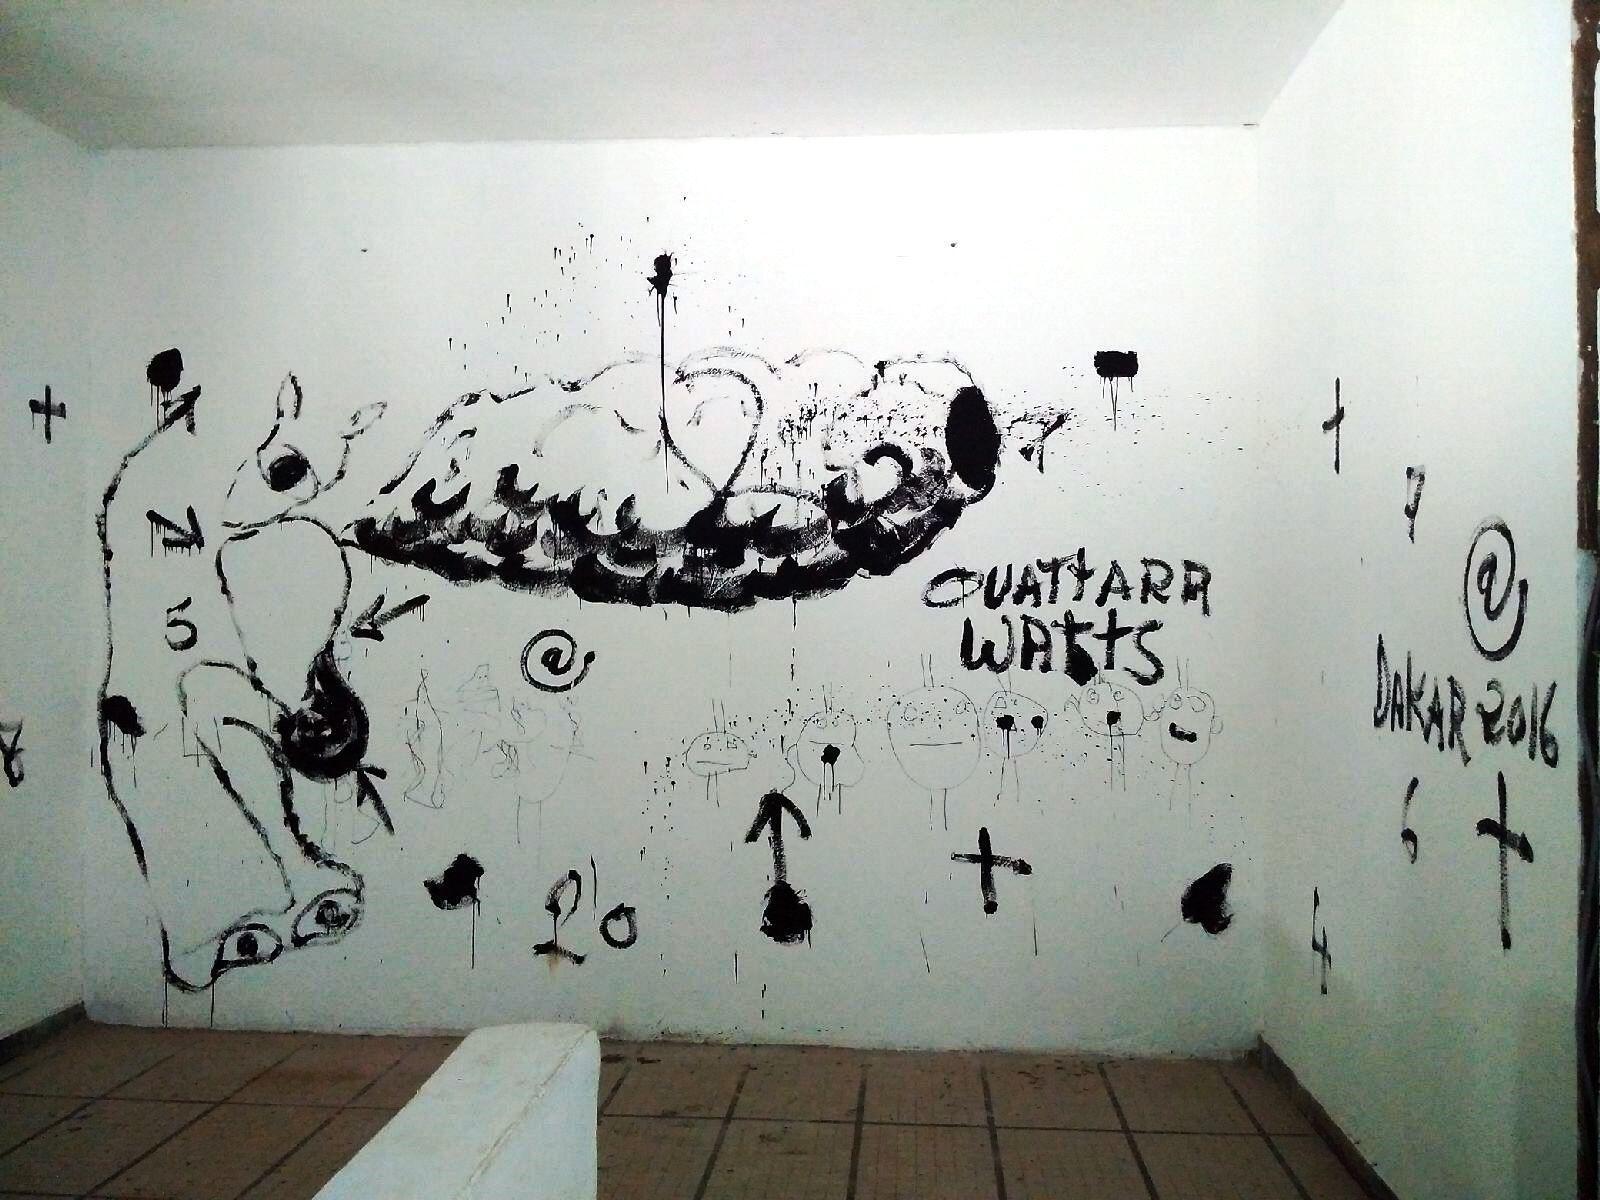 Les graffitis du plasticien Ouattara Watts, sur les murs du Palais de Justice, pour remplacer ses œuvres qui n'ont pu être accrochées.